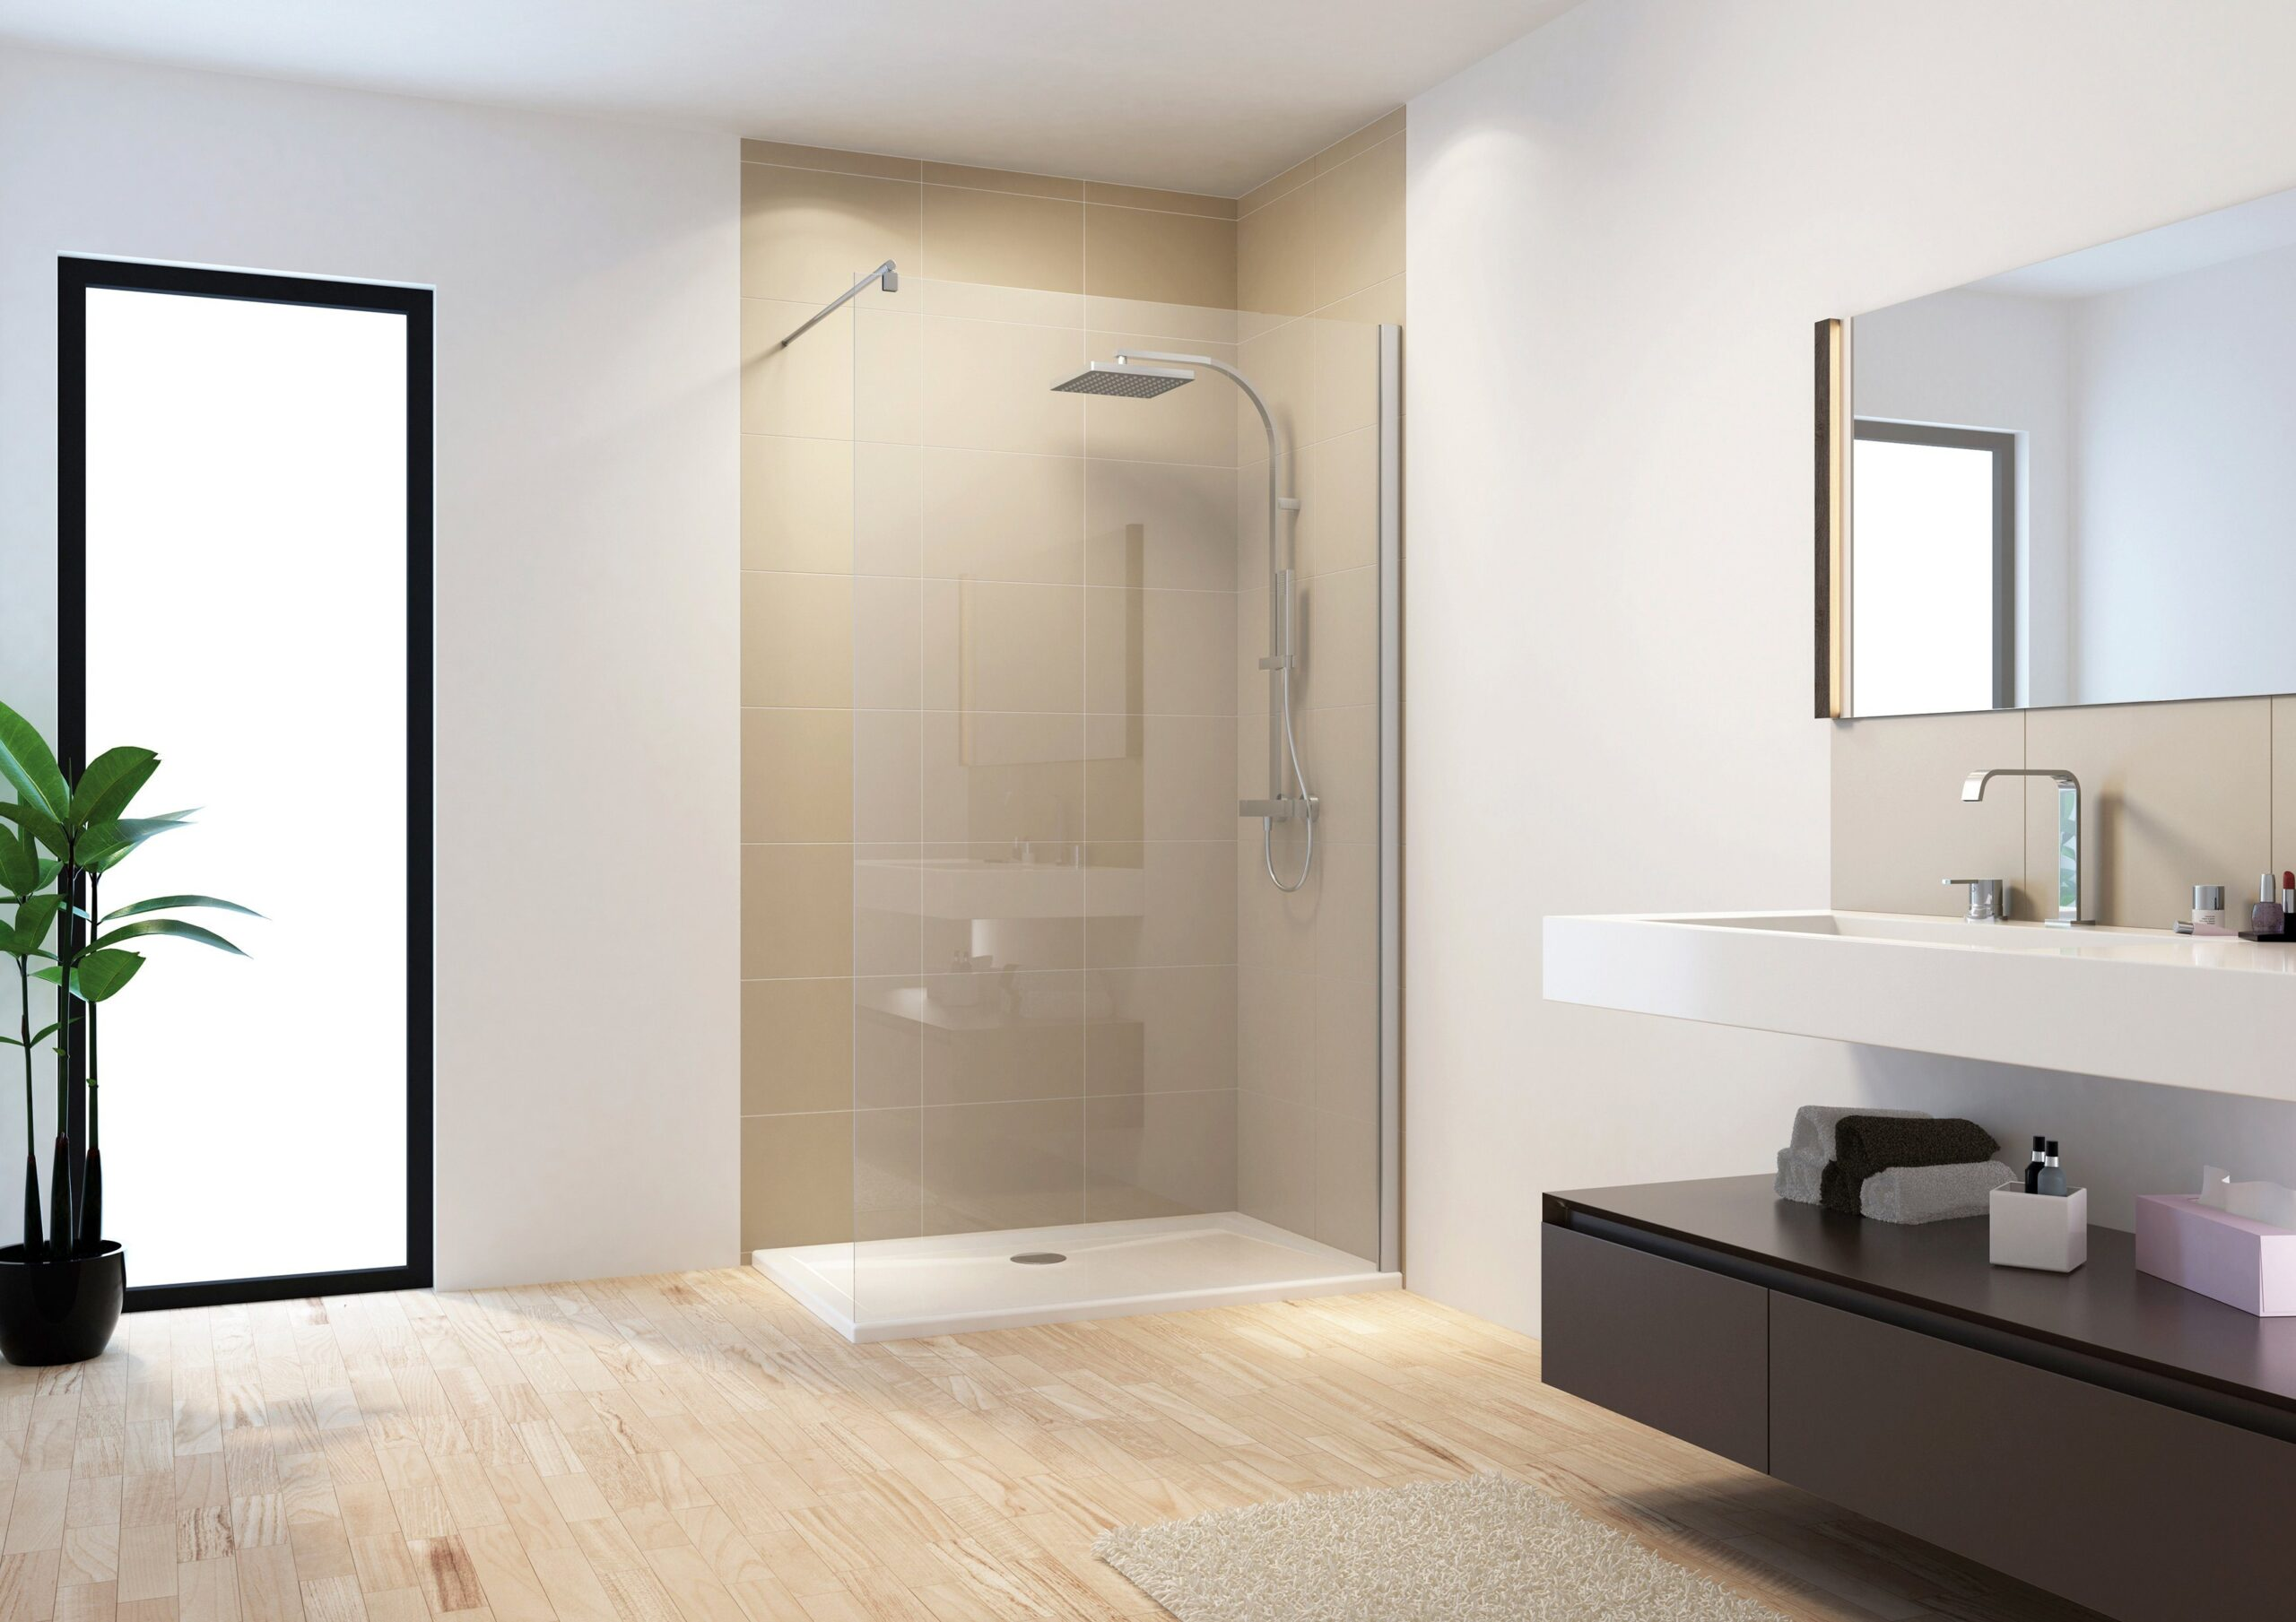 Full Size of Dusche Unterputz Armatur Bodengleiche Nachträglich Einbauen Thermostat Hüppe Sofa Verkaufen Küche Kaufen Günstig Einhebelmischer Nischentür Raindance Dusche Dusche Kaufen